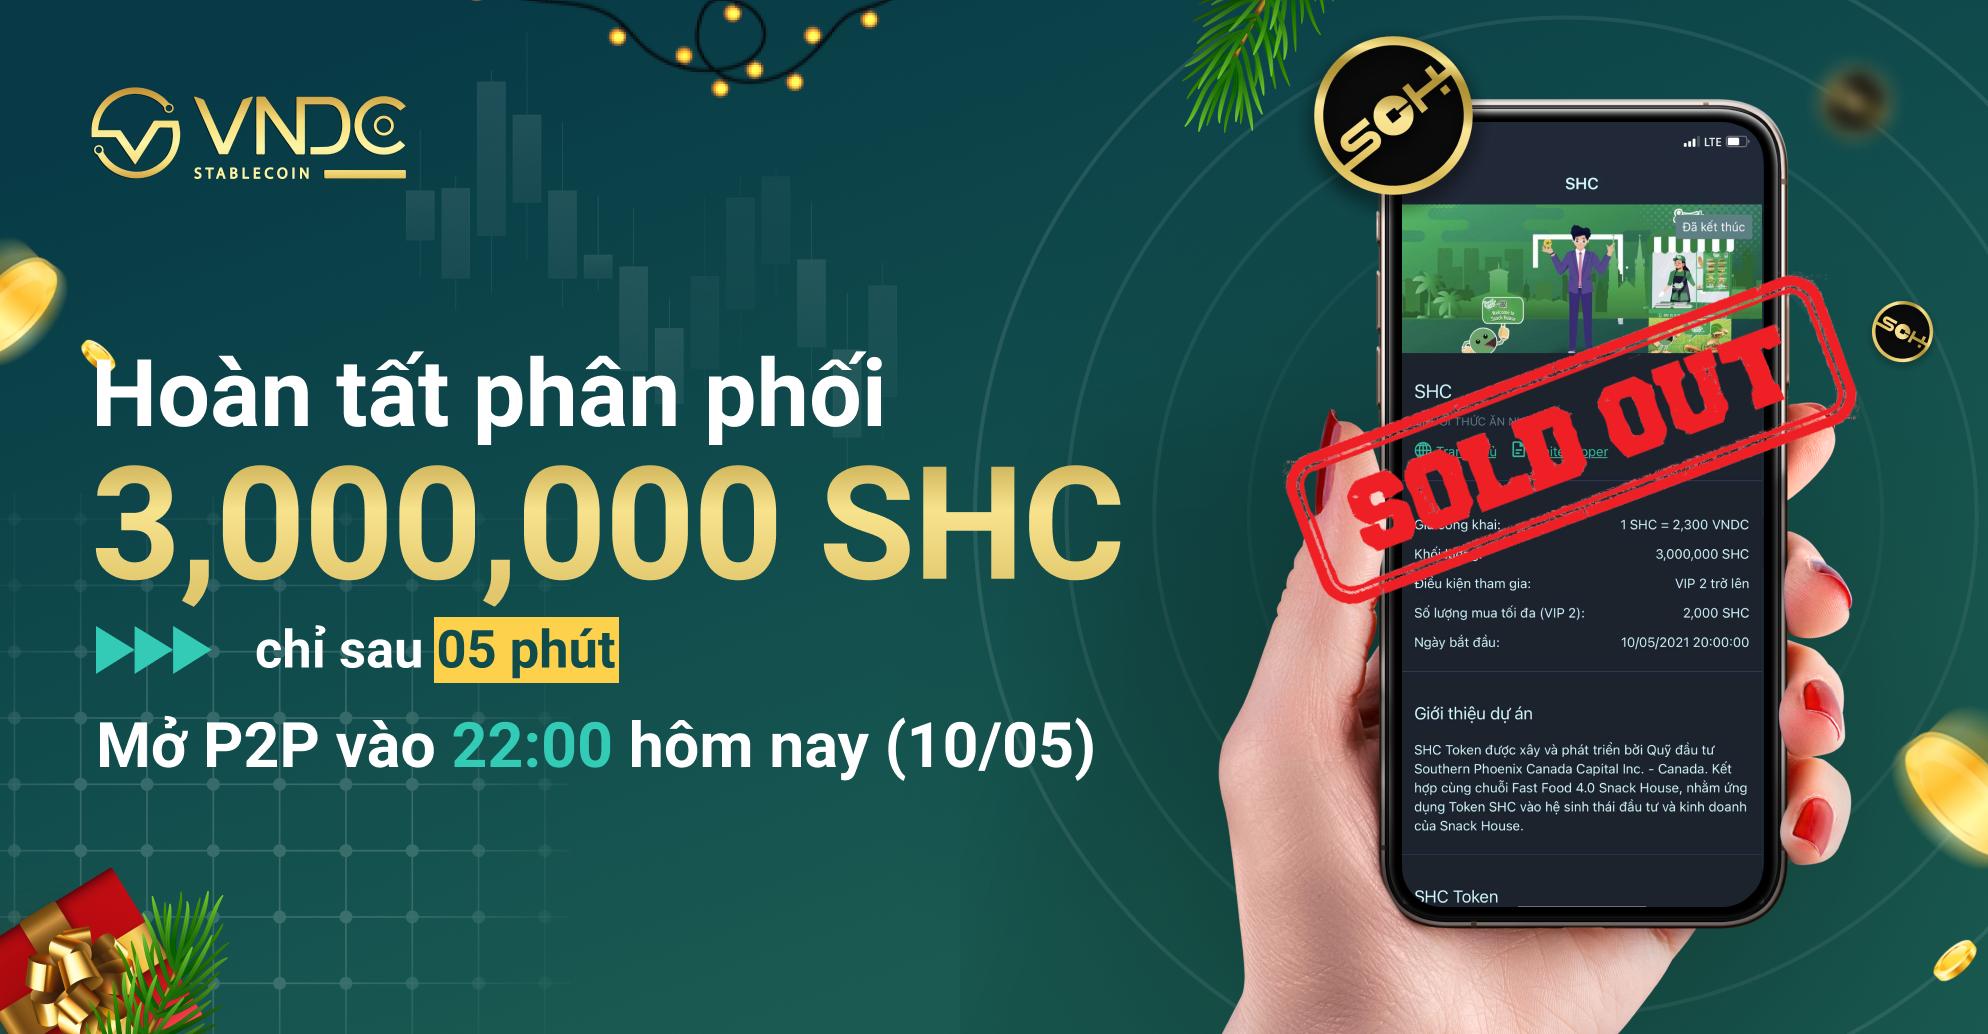 Hoàn tất phân phối 3 triệu SHC trong 5 phút, mở giao dịch P2P từ 22:00 hôm nay (10/05)